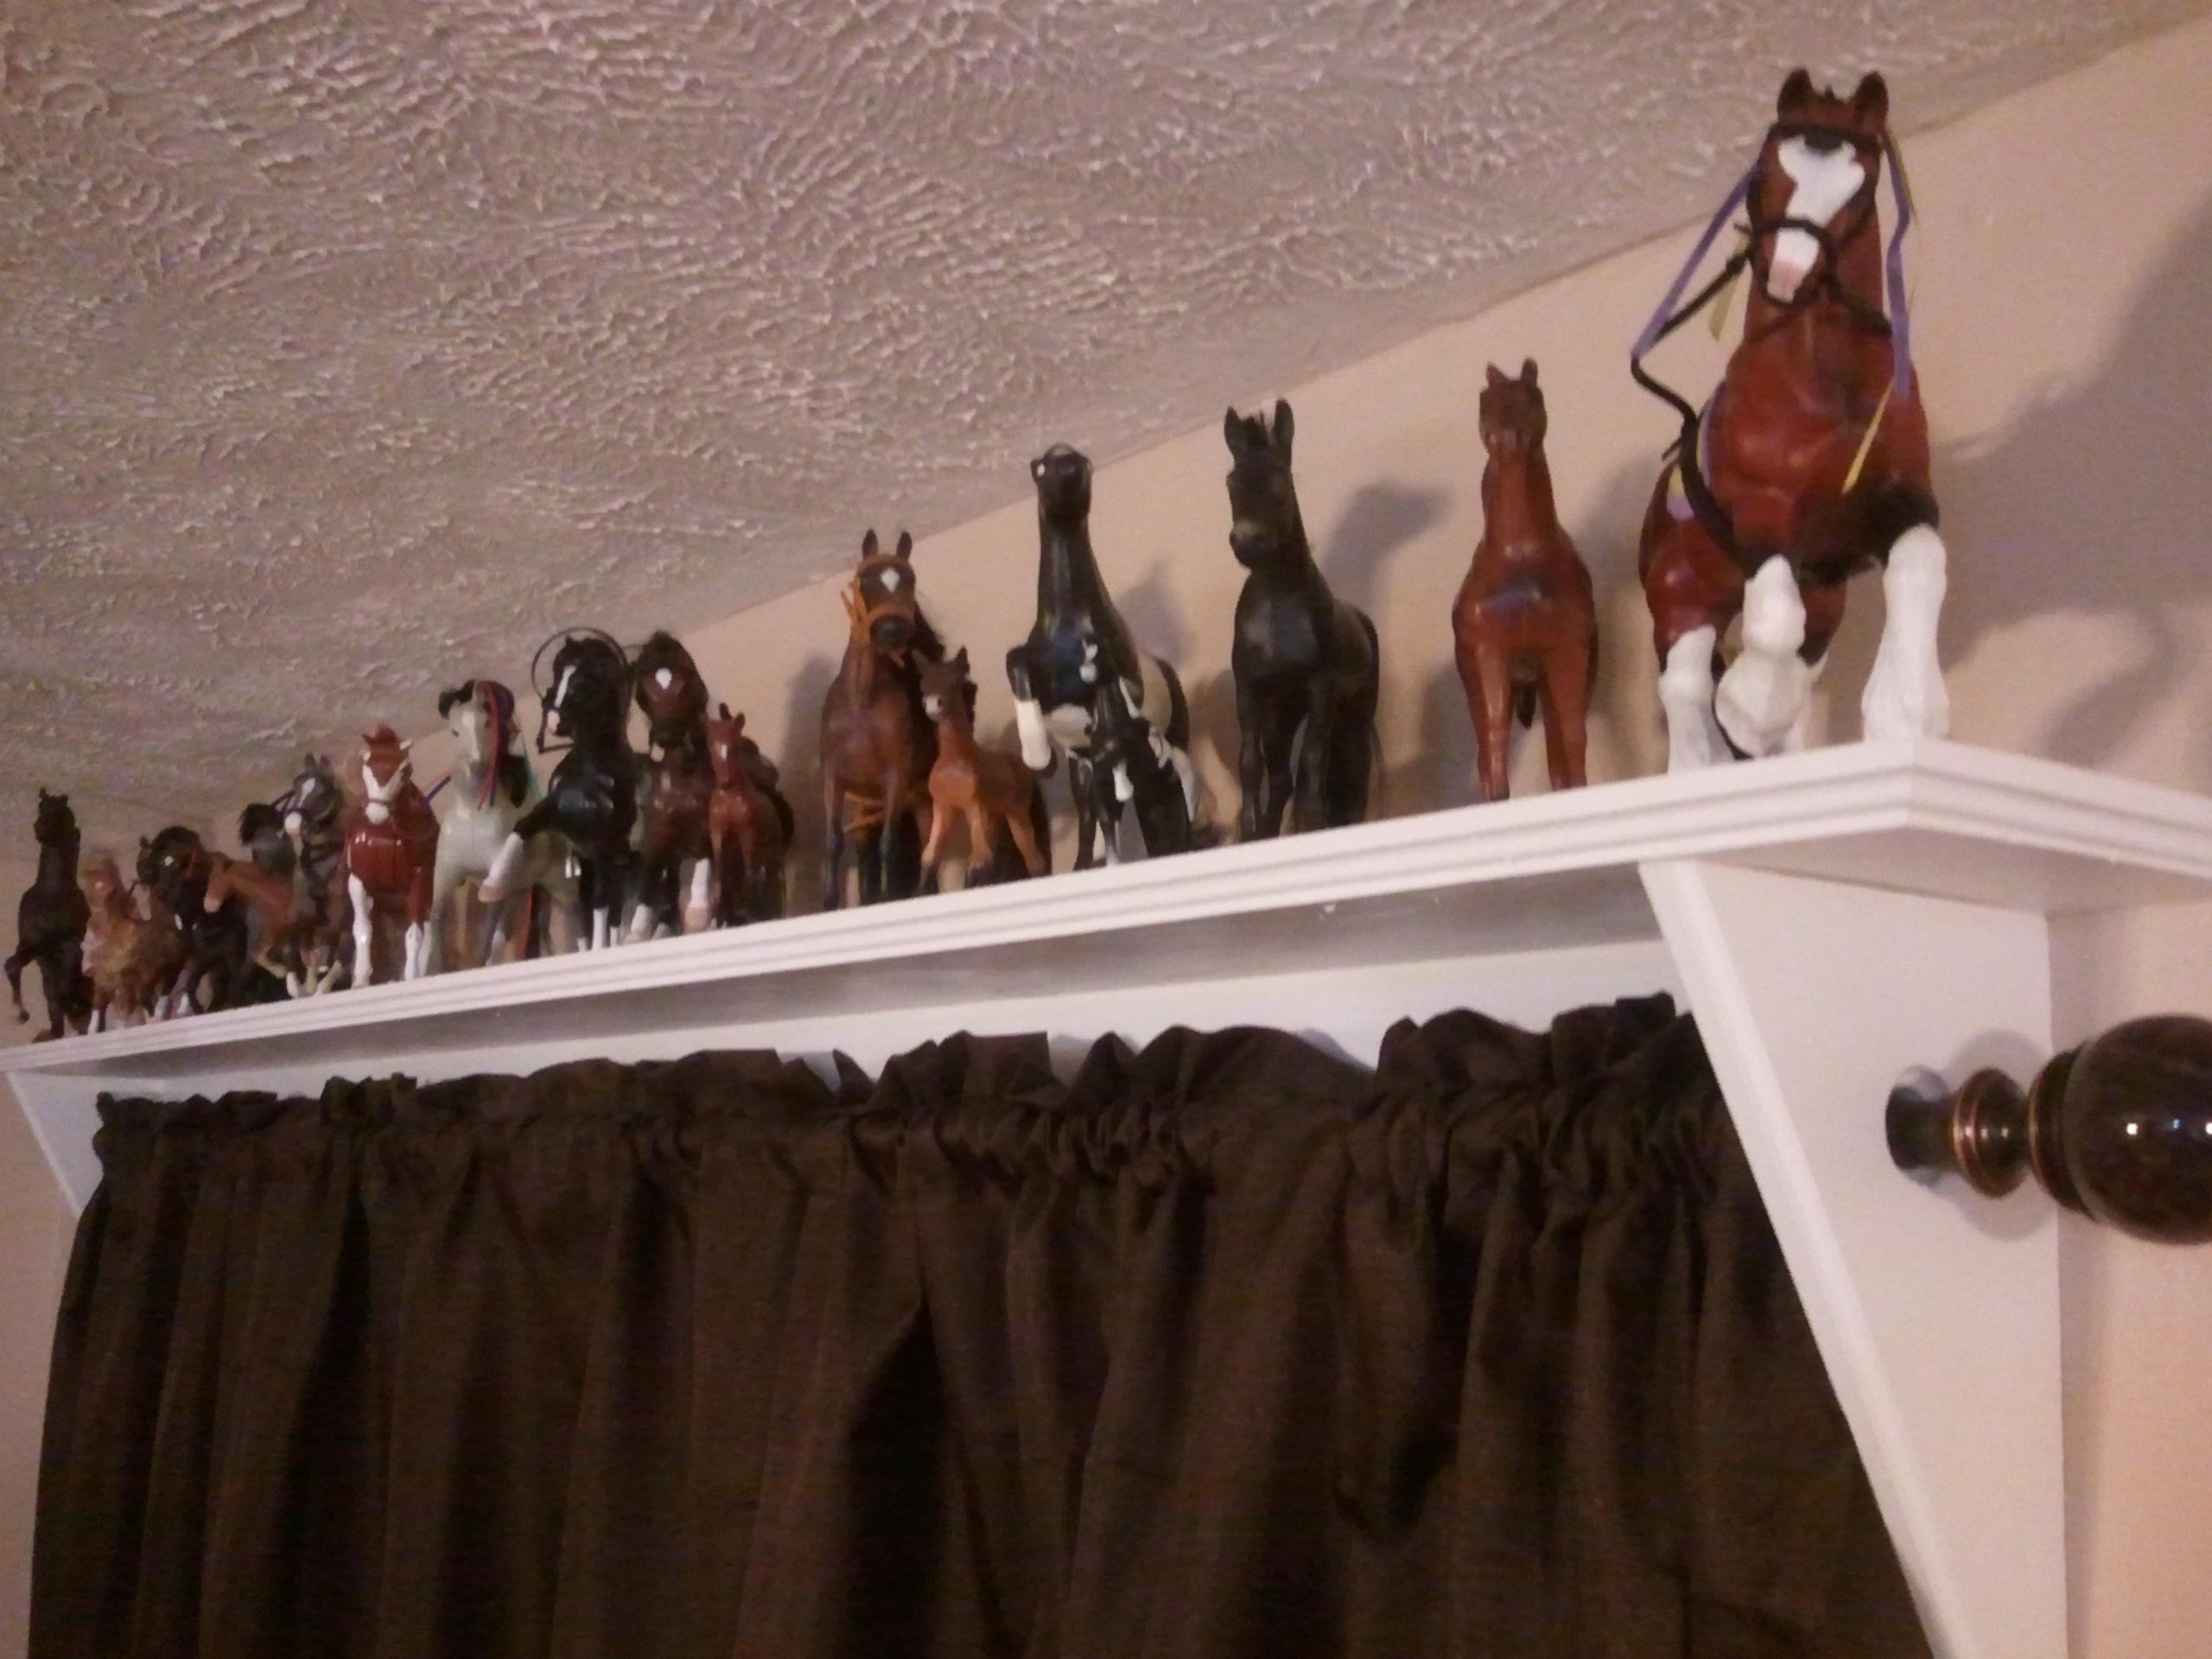 Curtain rod shelves